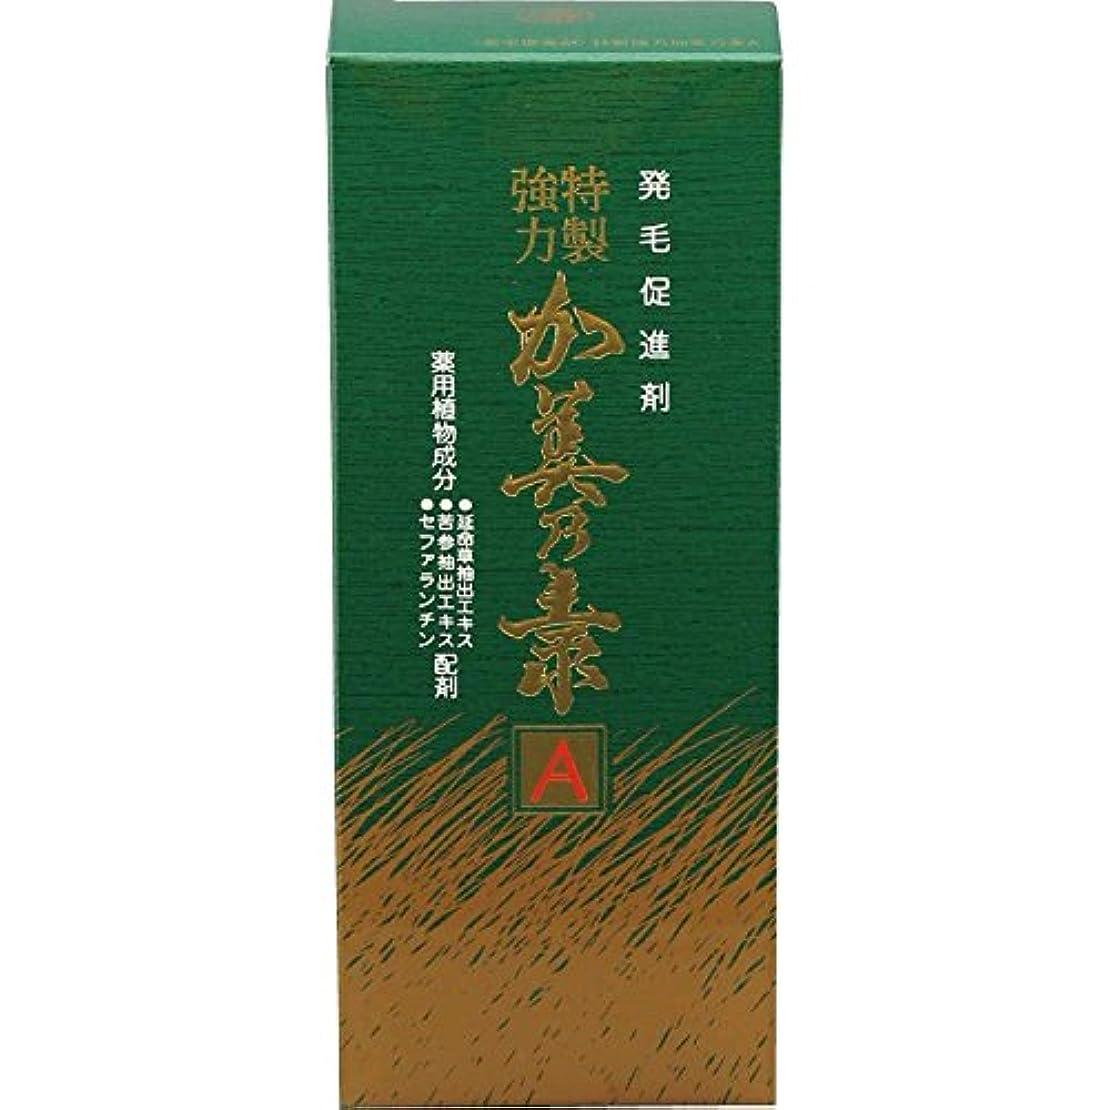 超えて血純粋な特製強力加美乃素A フレッシュシトラスの香り 180mL×6個